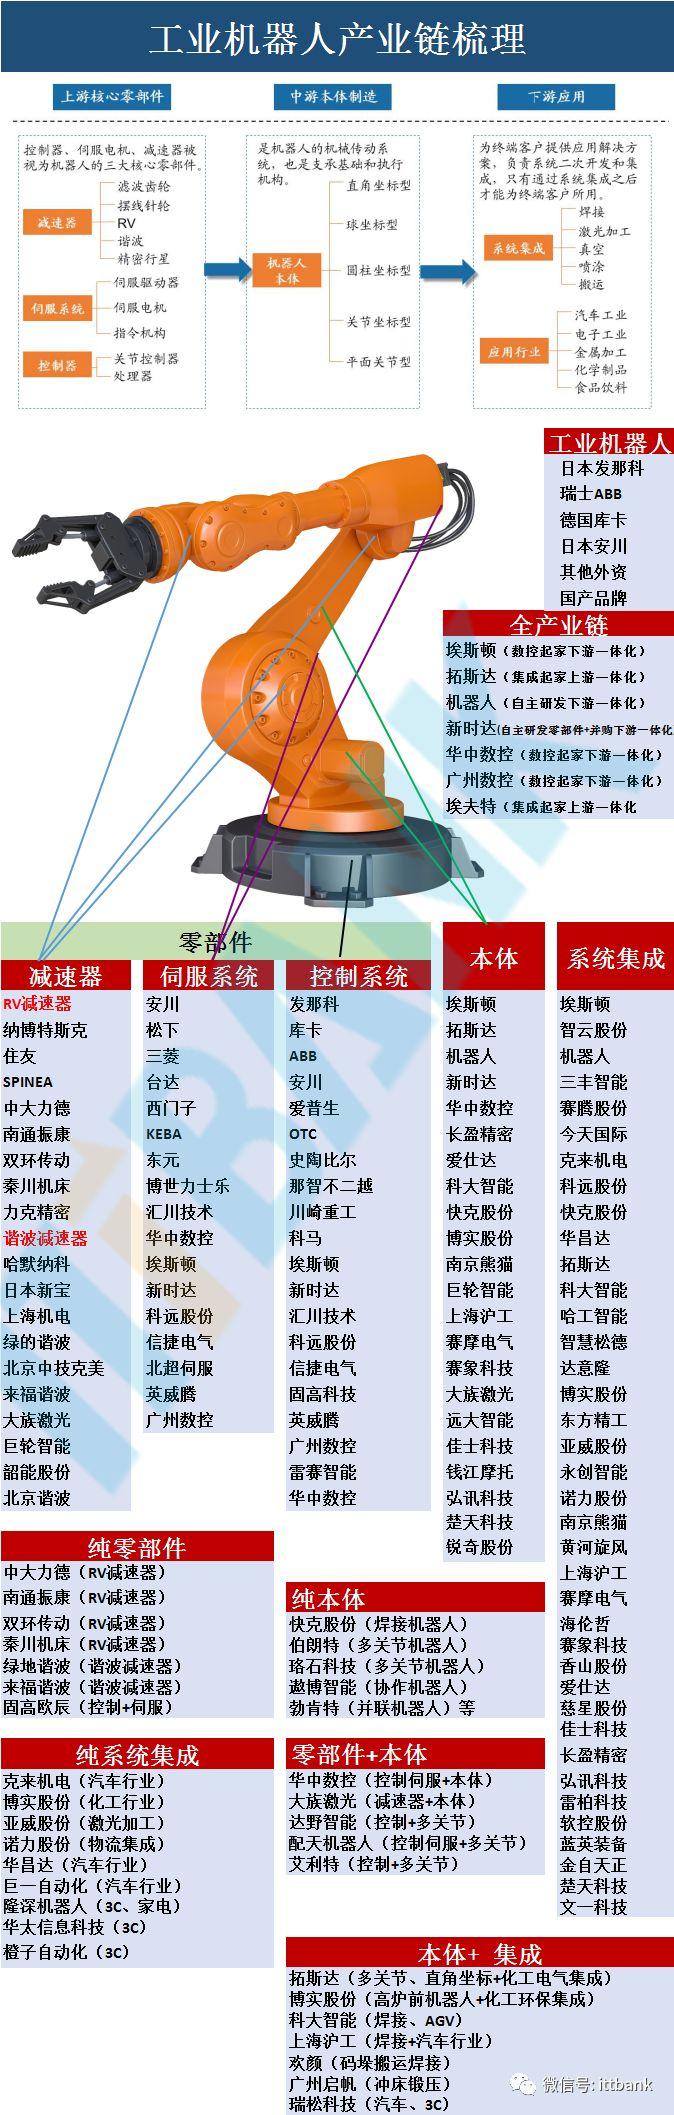 中国汽车产业格局图_深度解析工业机器人产业链全景图